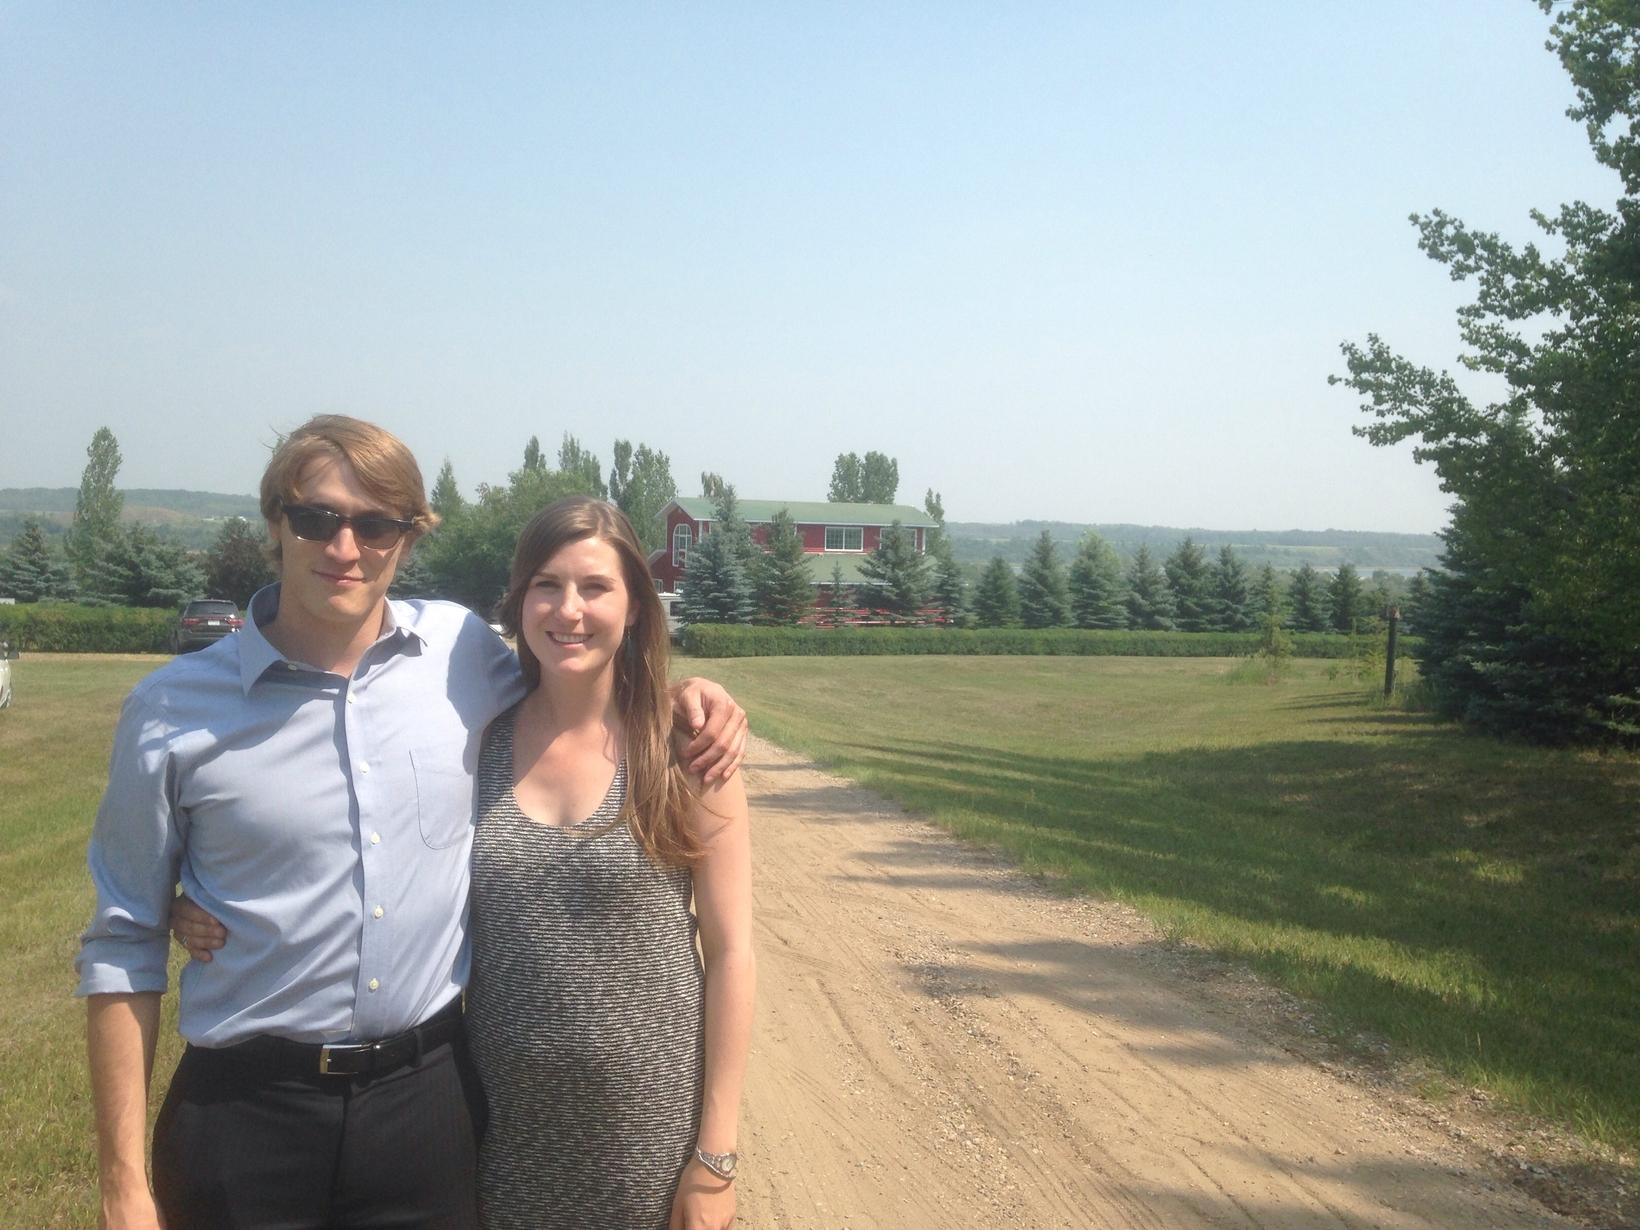 Kimberly & Devin from Calgary, Alberta, Canada